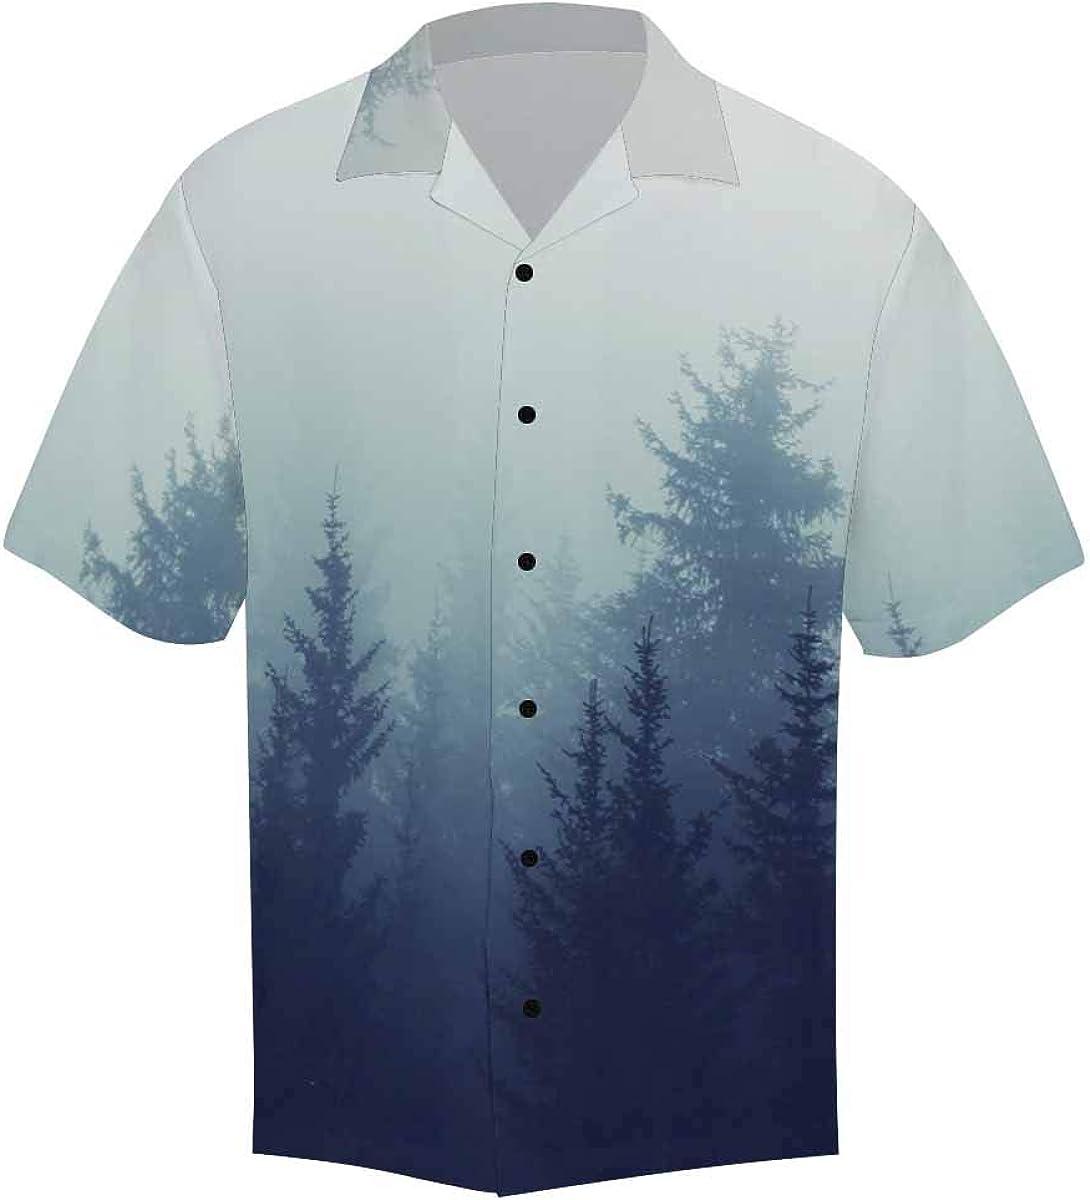 InterestPrint Men's Casual Button Down Short Sleeve Misty Mog Forest Hawaiian Shirt M